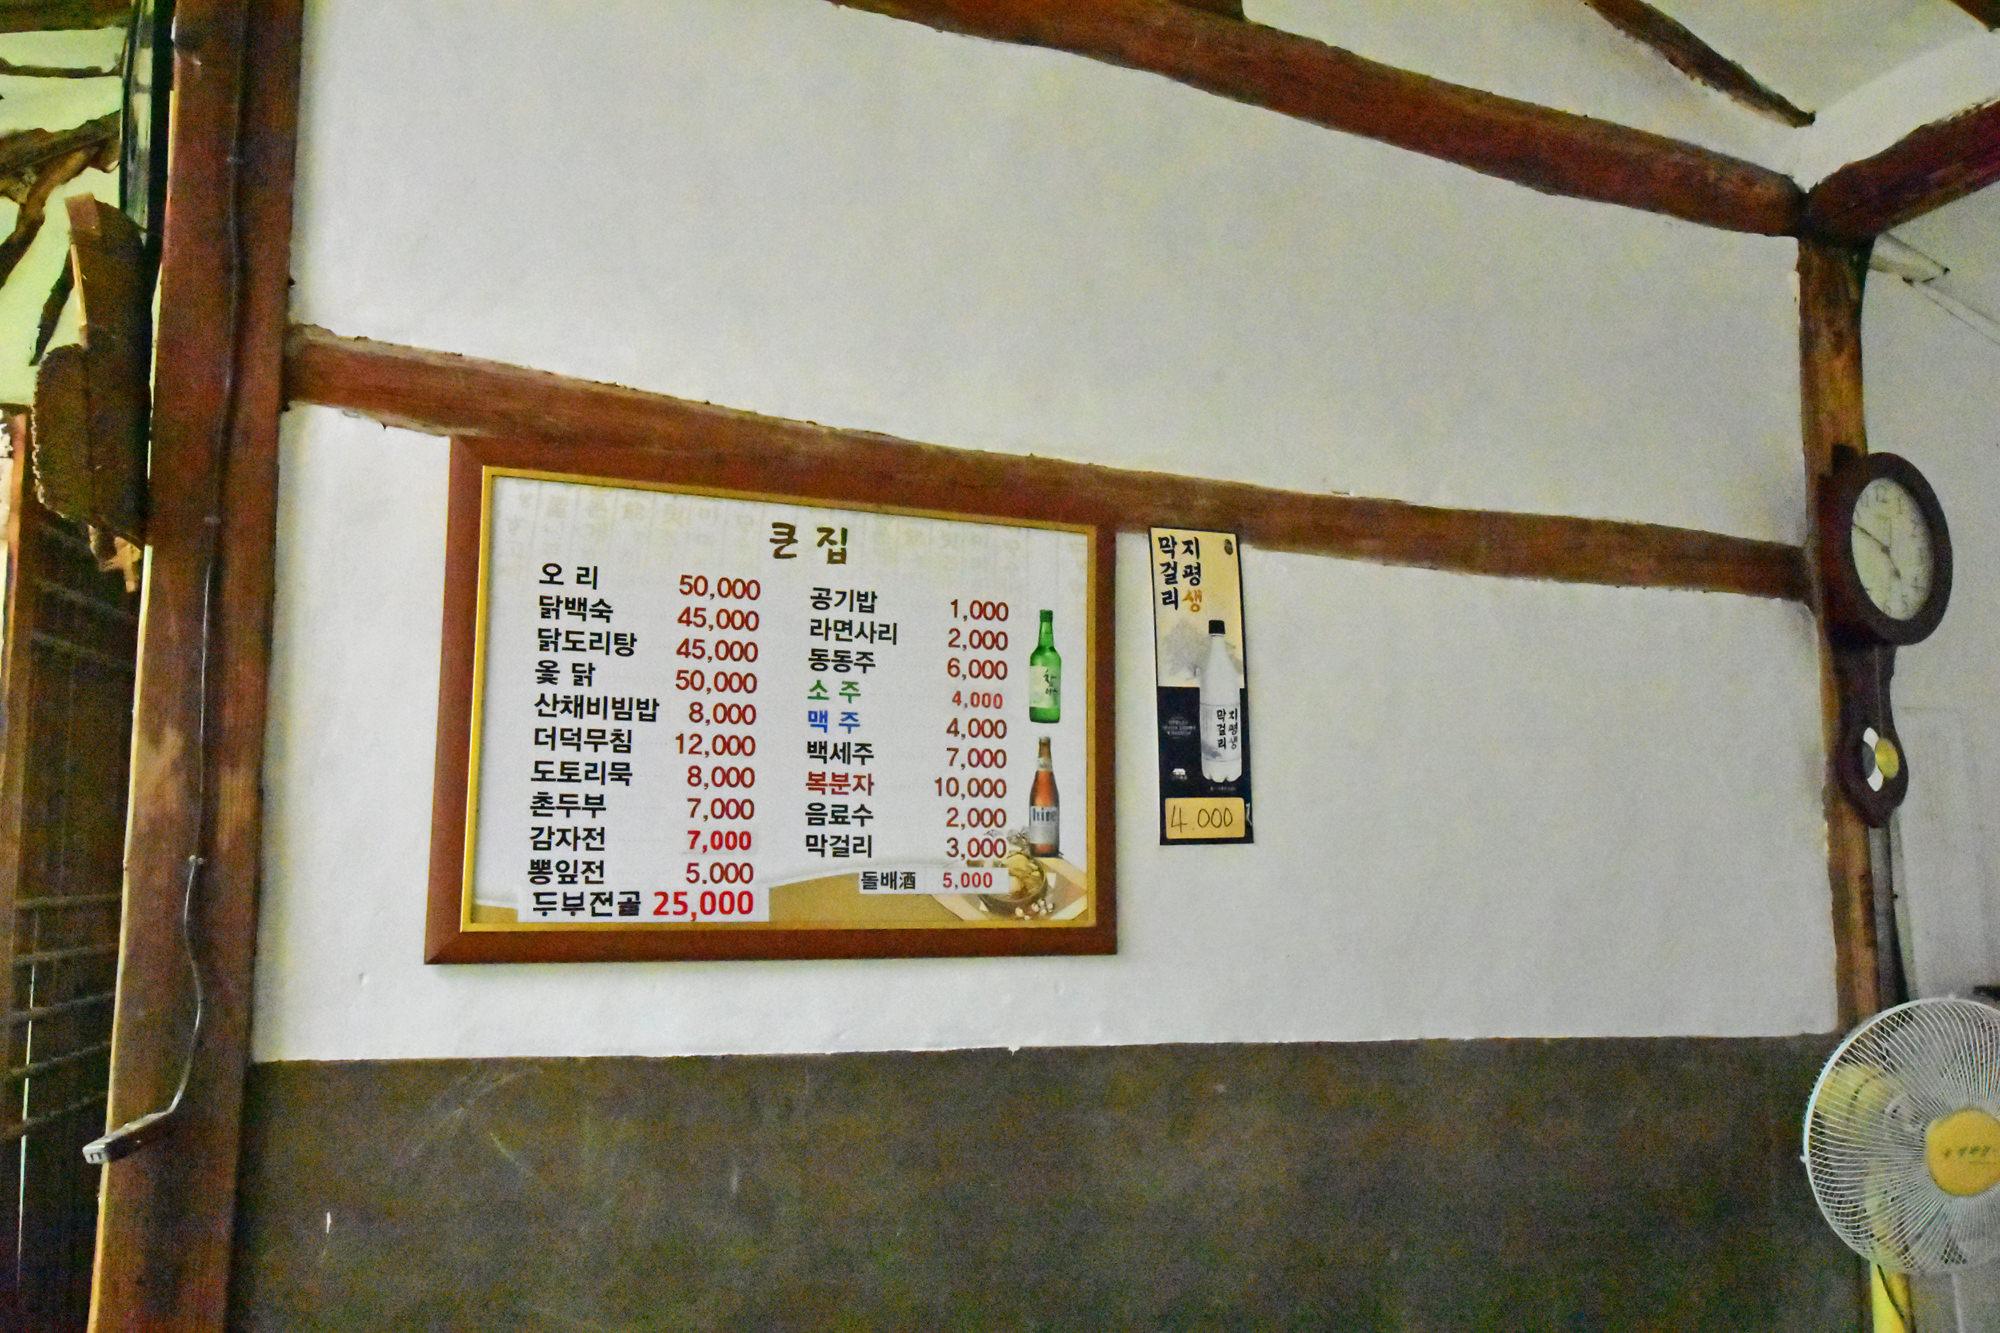 문배마을 큰집 이미지 7